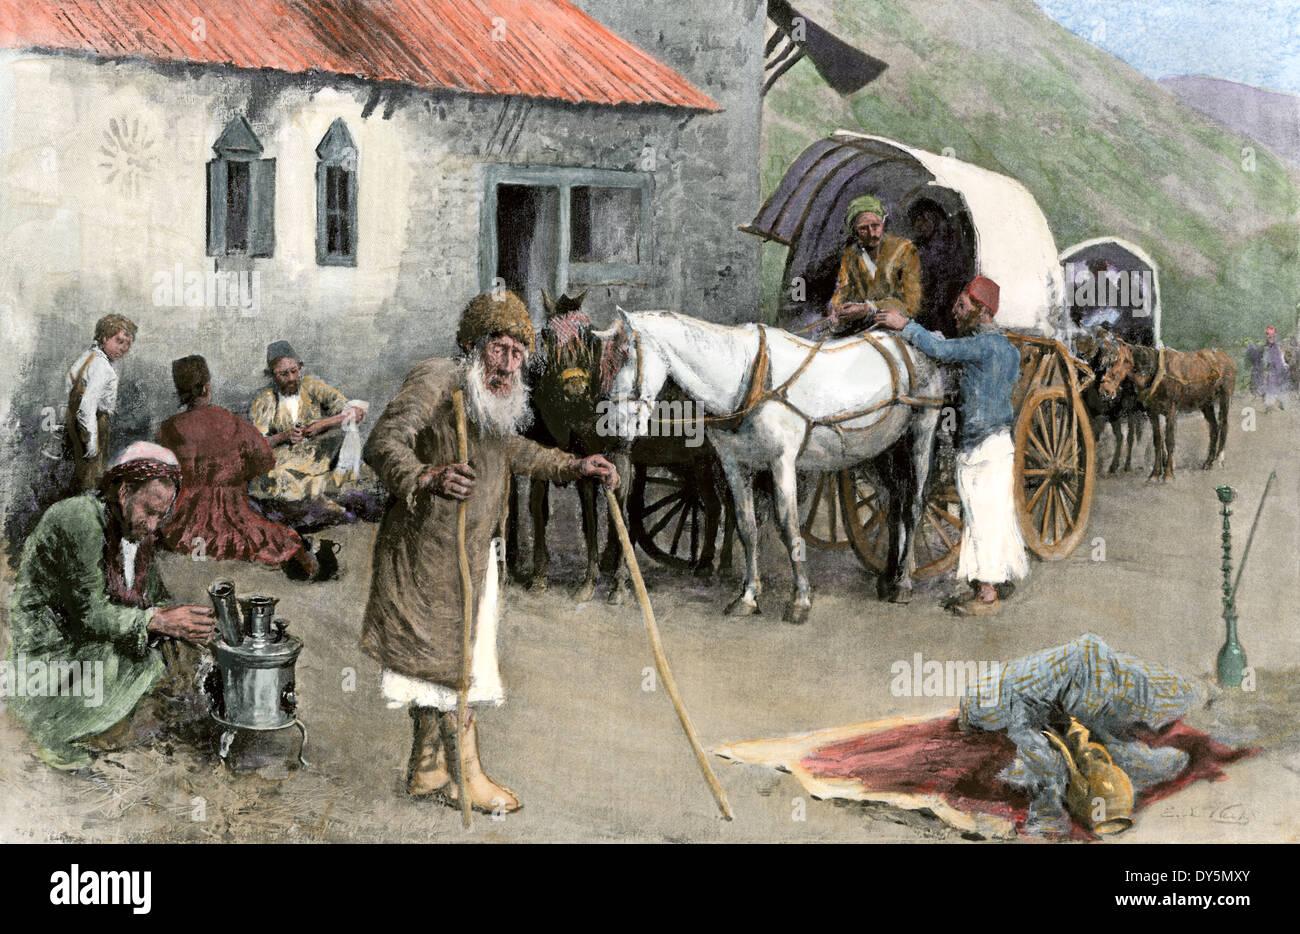 Armenische Flüchtlinge aus der osmanischen Massaker Ankunft in einem Berggasthaus, 1896. Stockbild